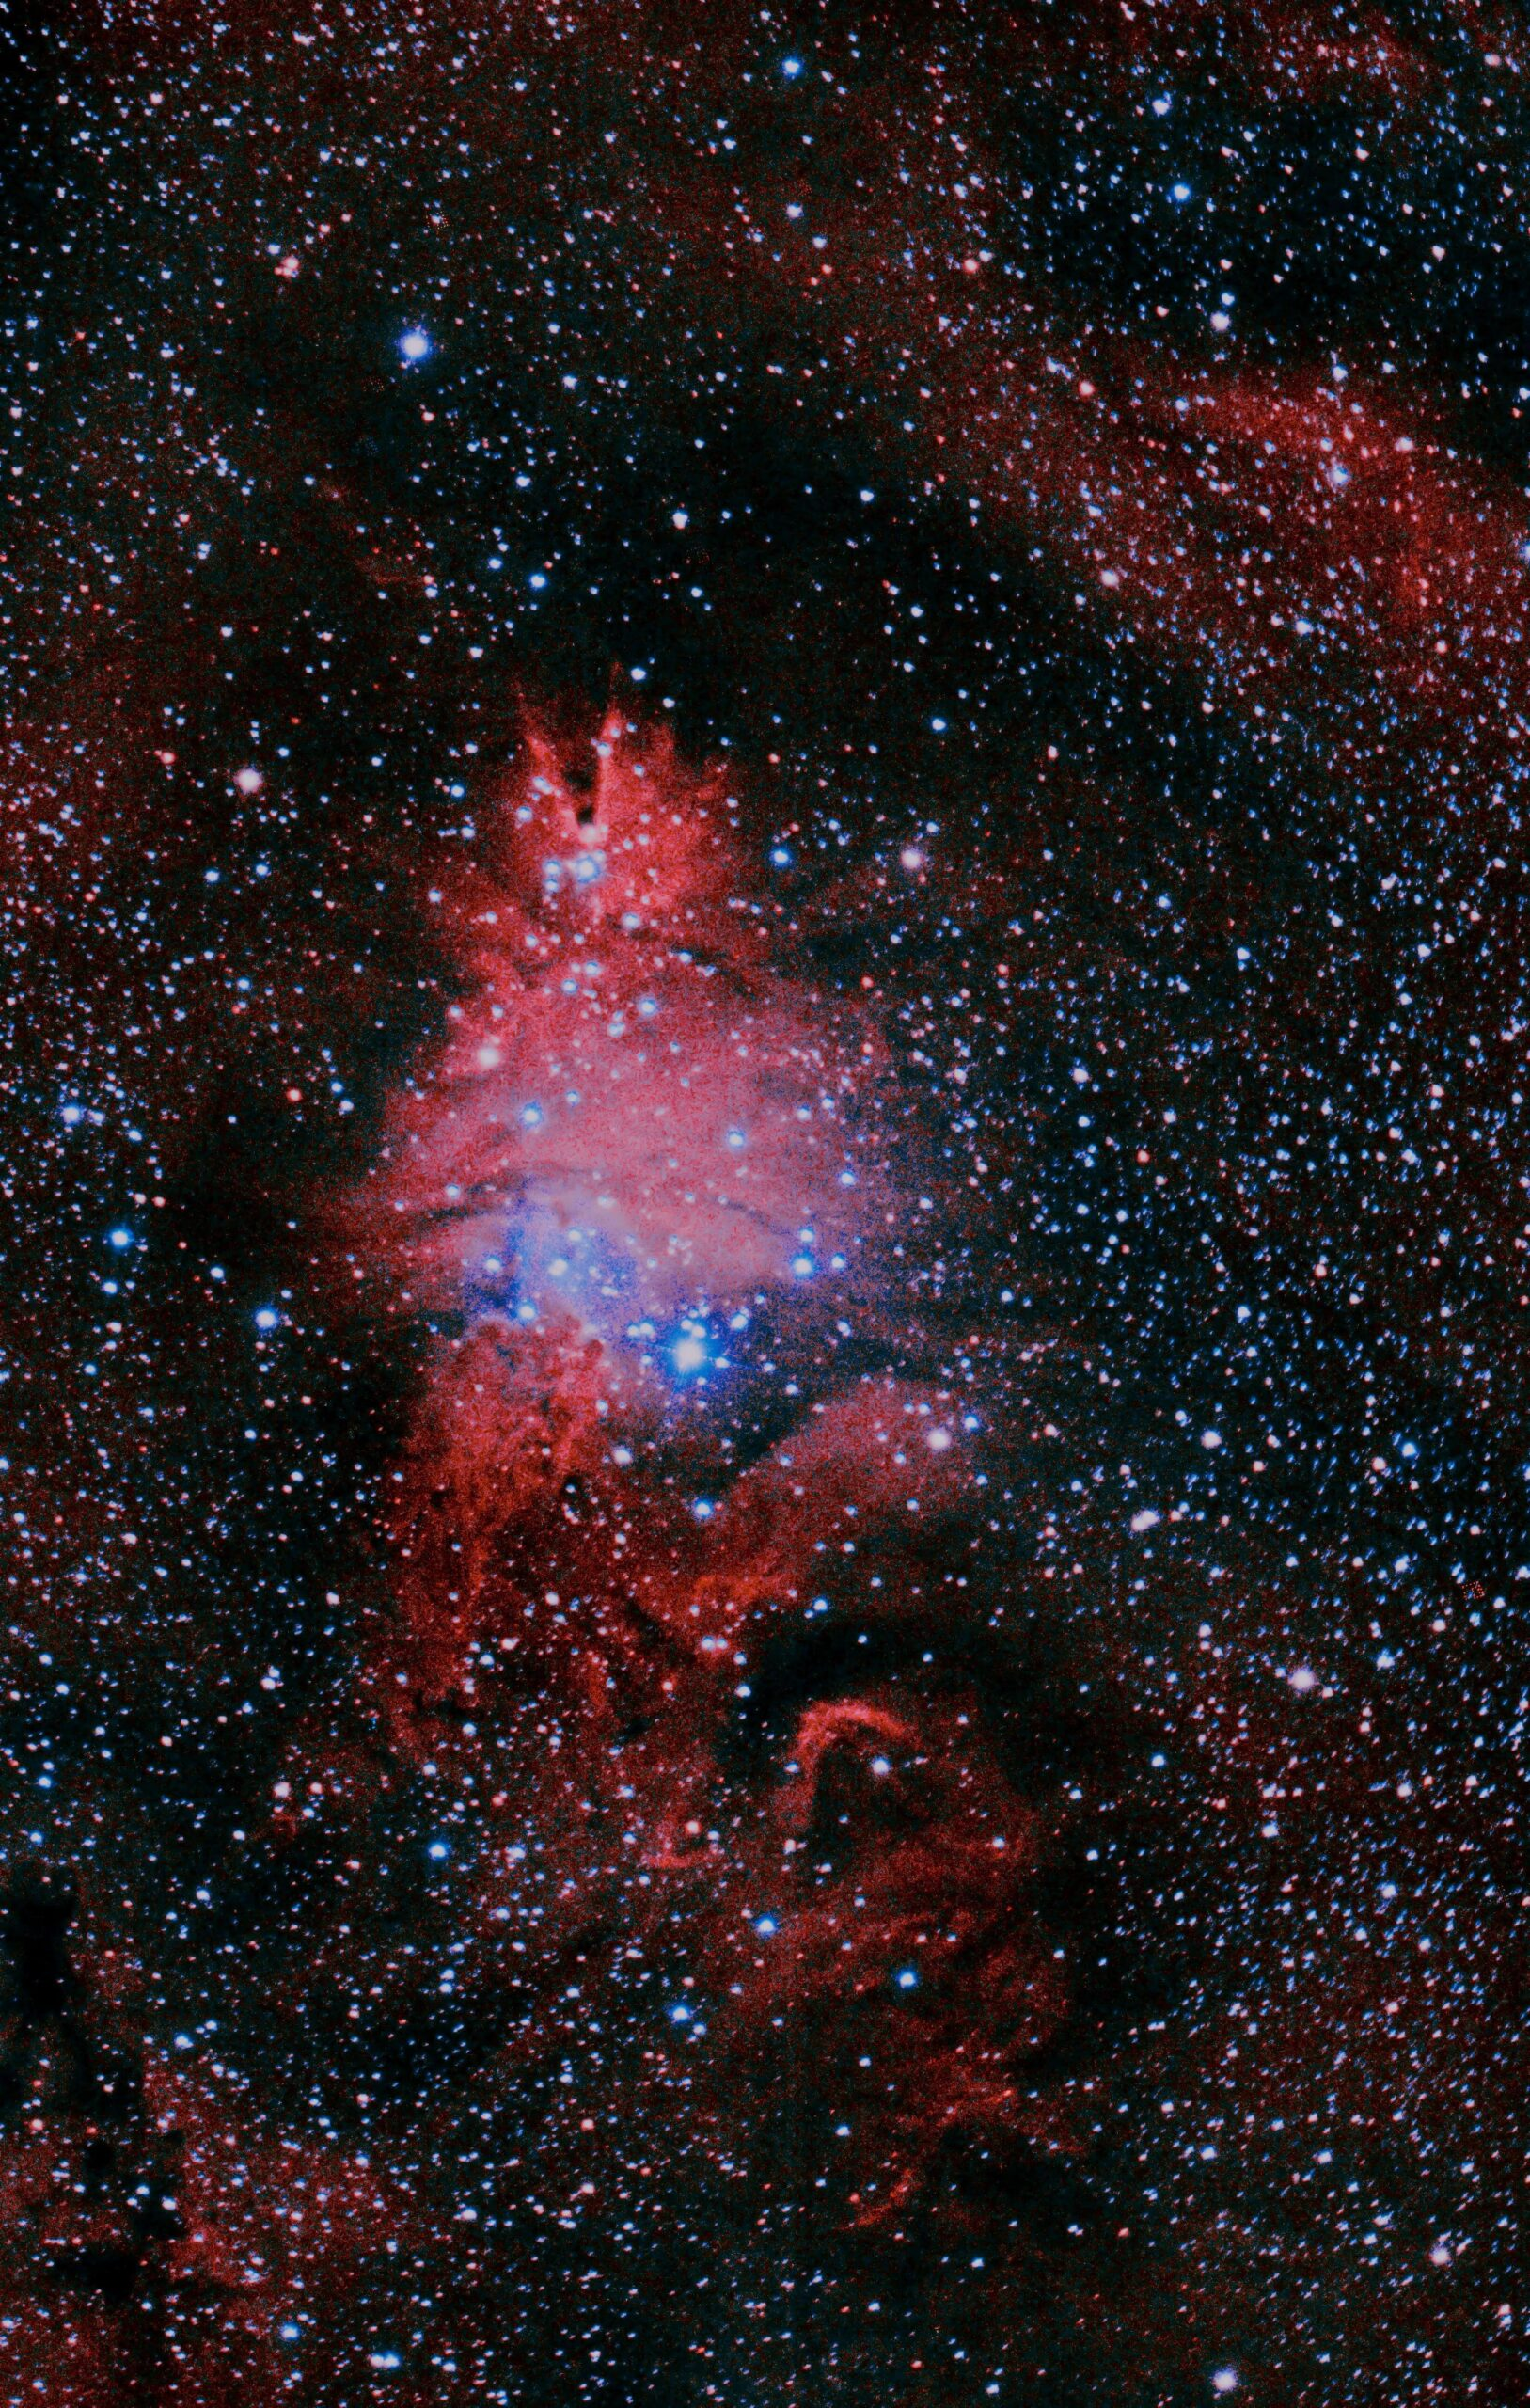 une photo de l'espace